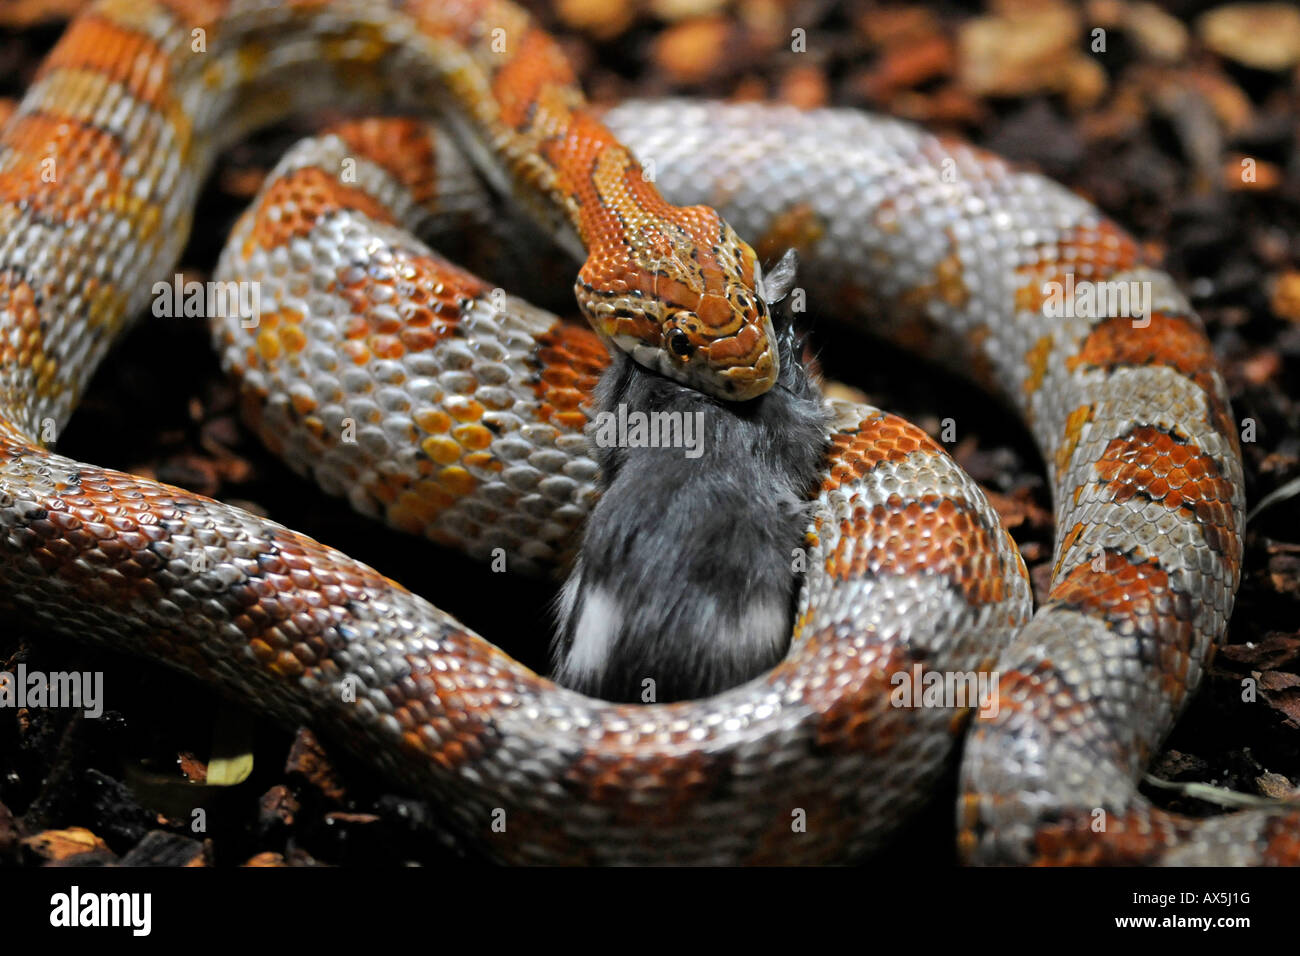 Maíz rojo o SERPIENTE SERPIENTE de Rata (Pantherophis guttatus) comiendo un ratón Imagen De Stock